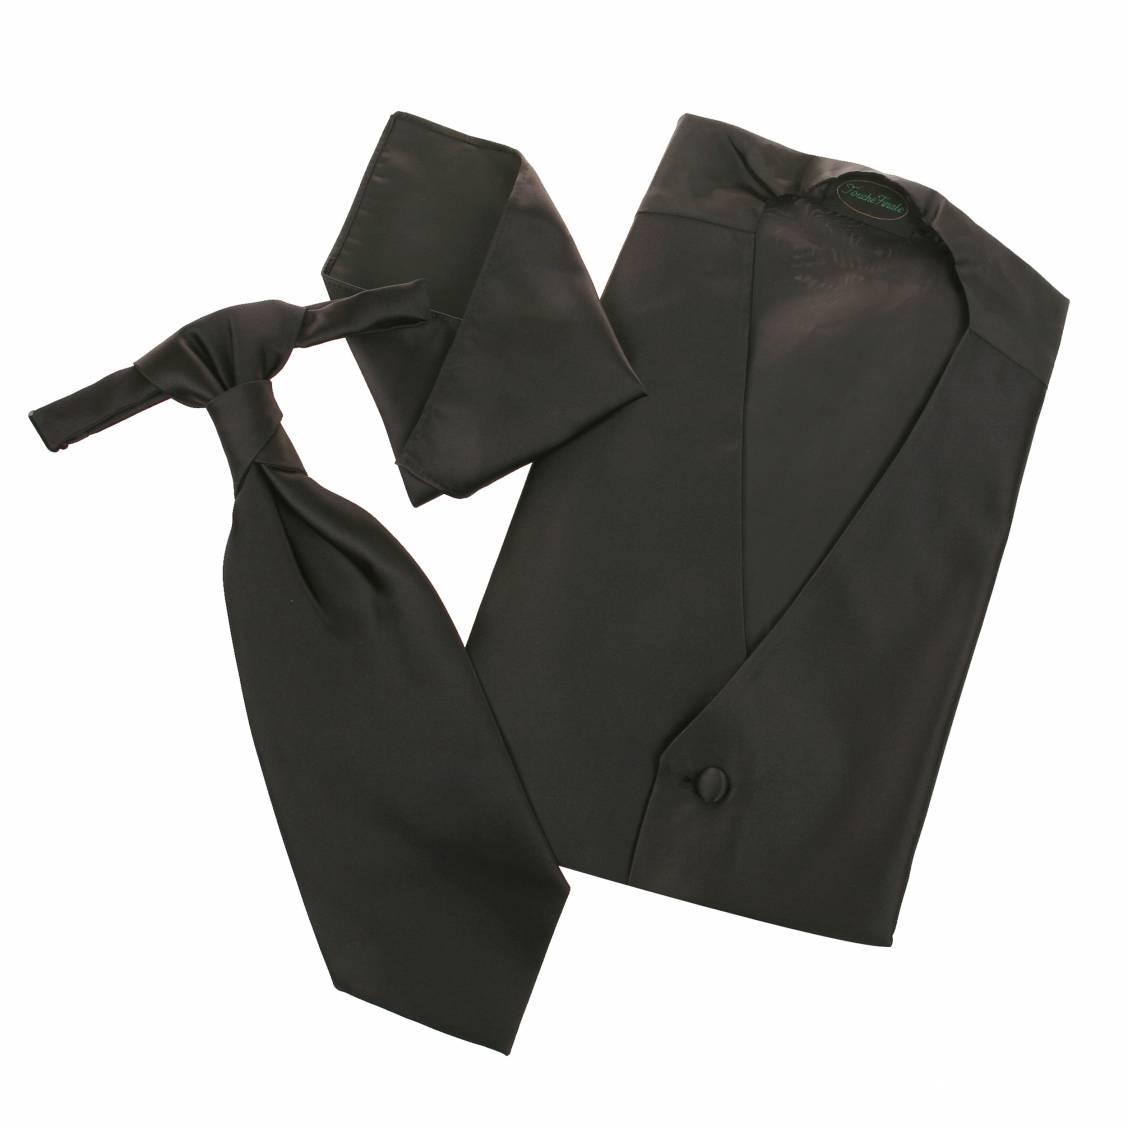 Set de cérémonie: gilet, cravalière et pochette ton noir satiné. Set de cérémonie composé d'un gilet,